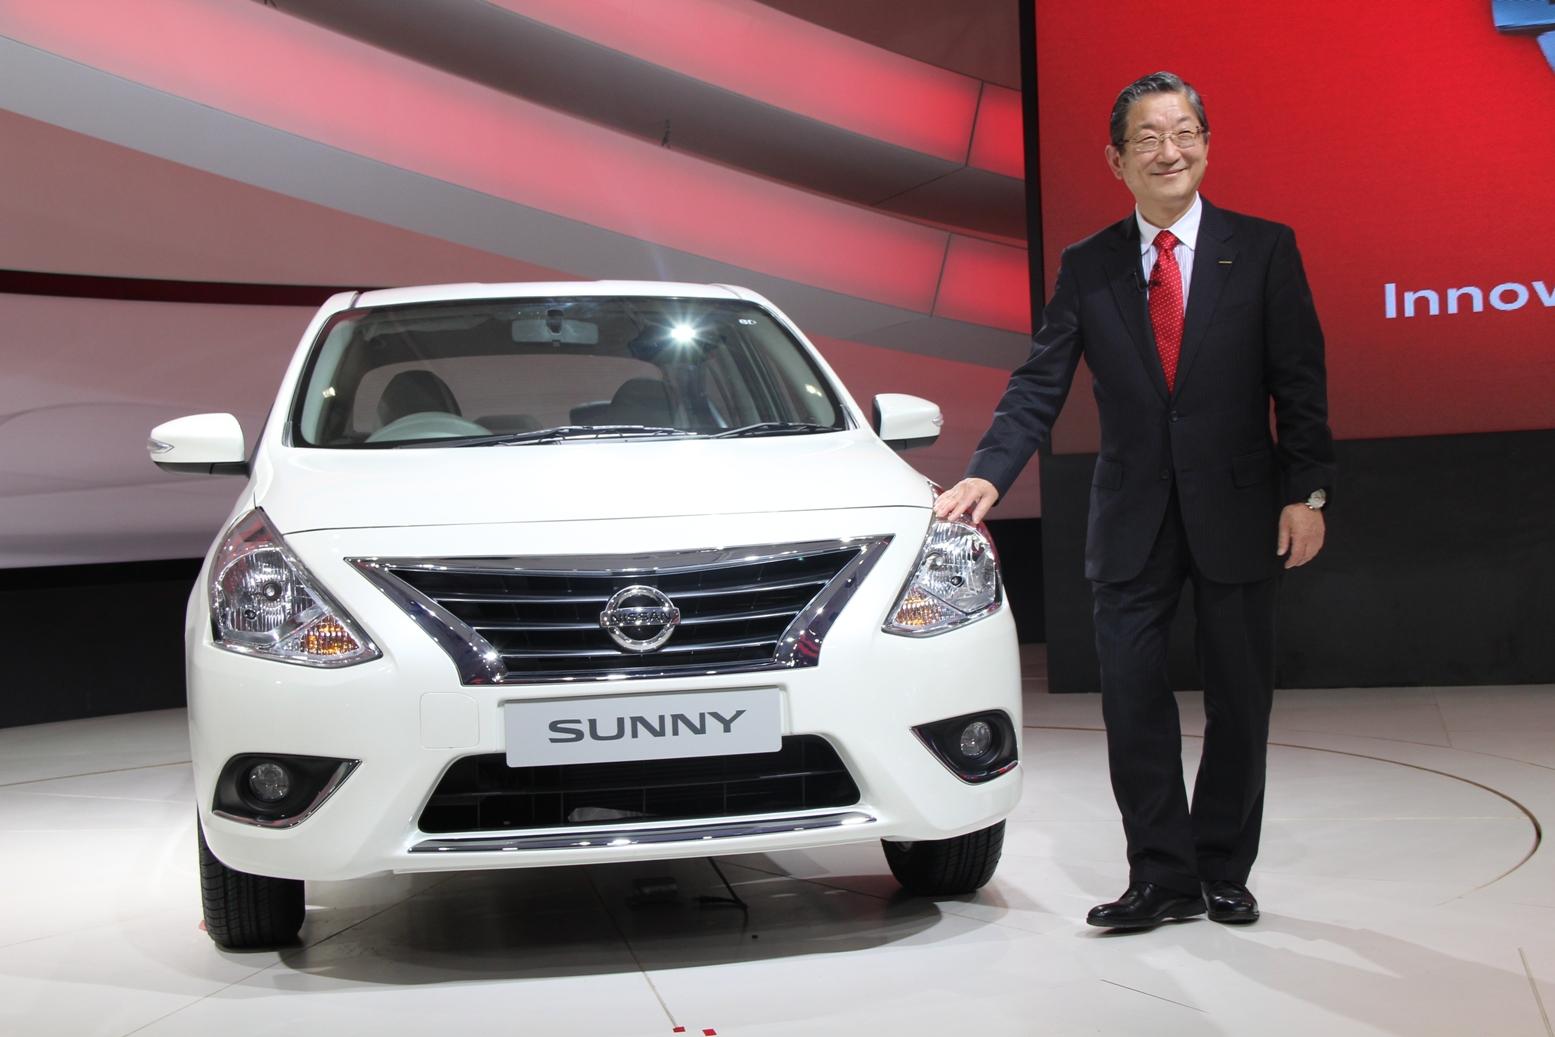 Nissan's-New-Sunny-at-Delhi-Auto-Expo